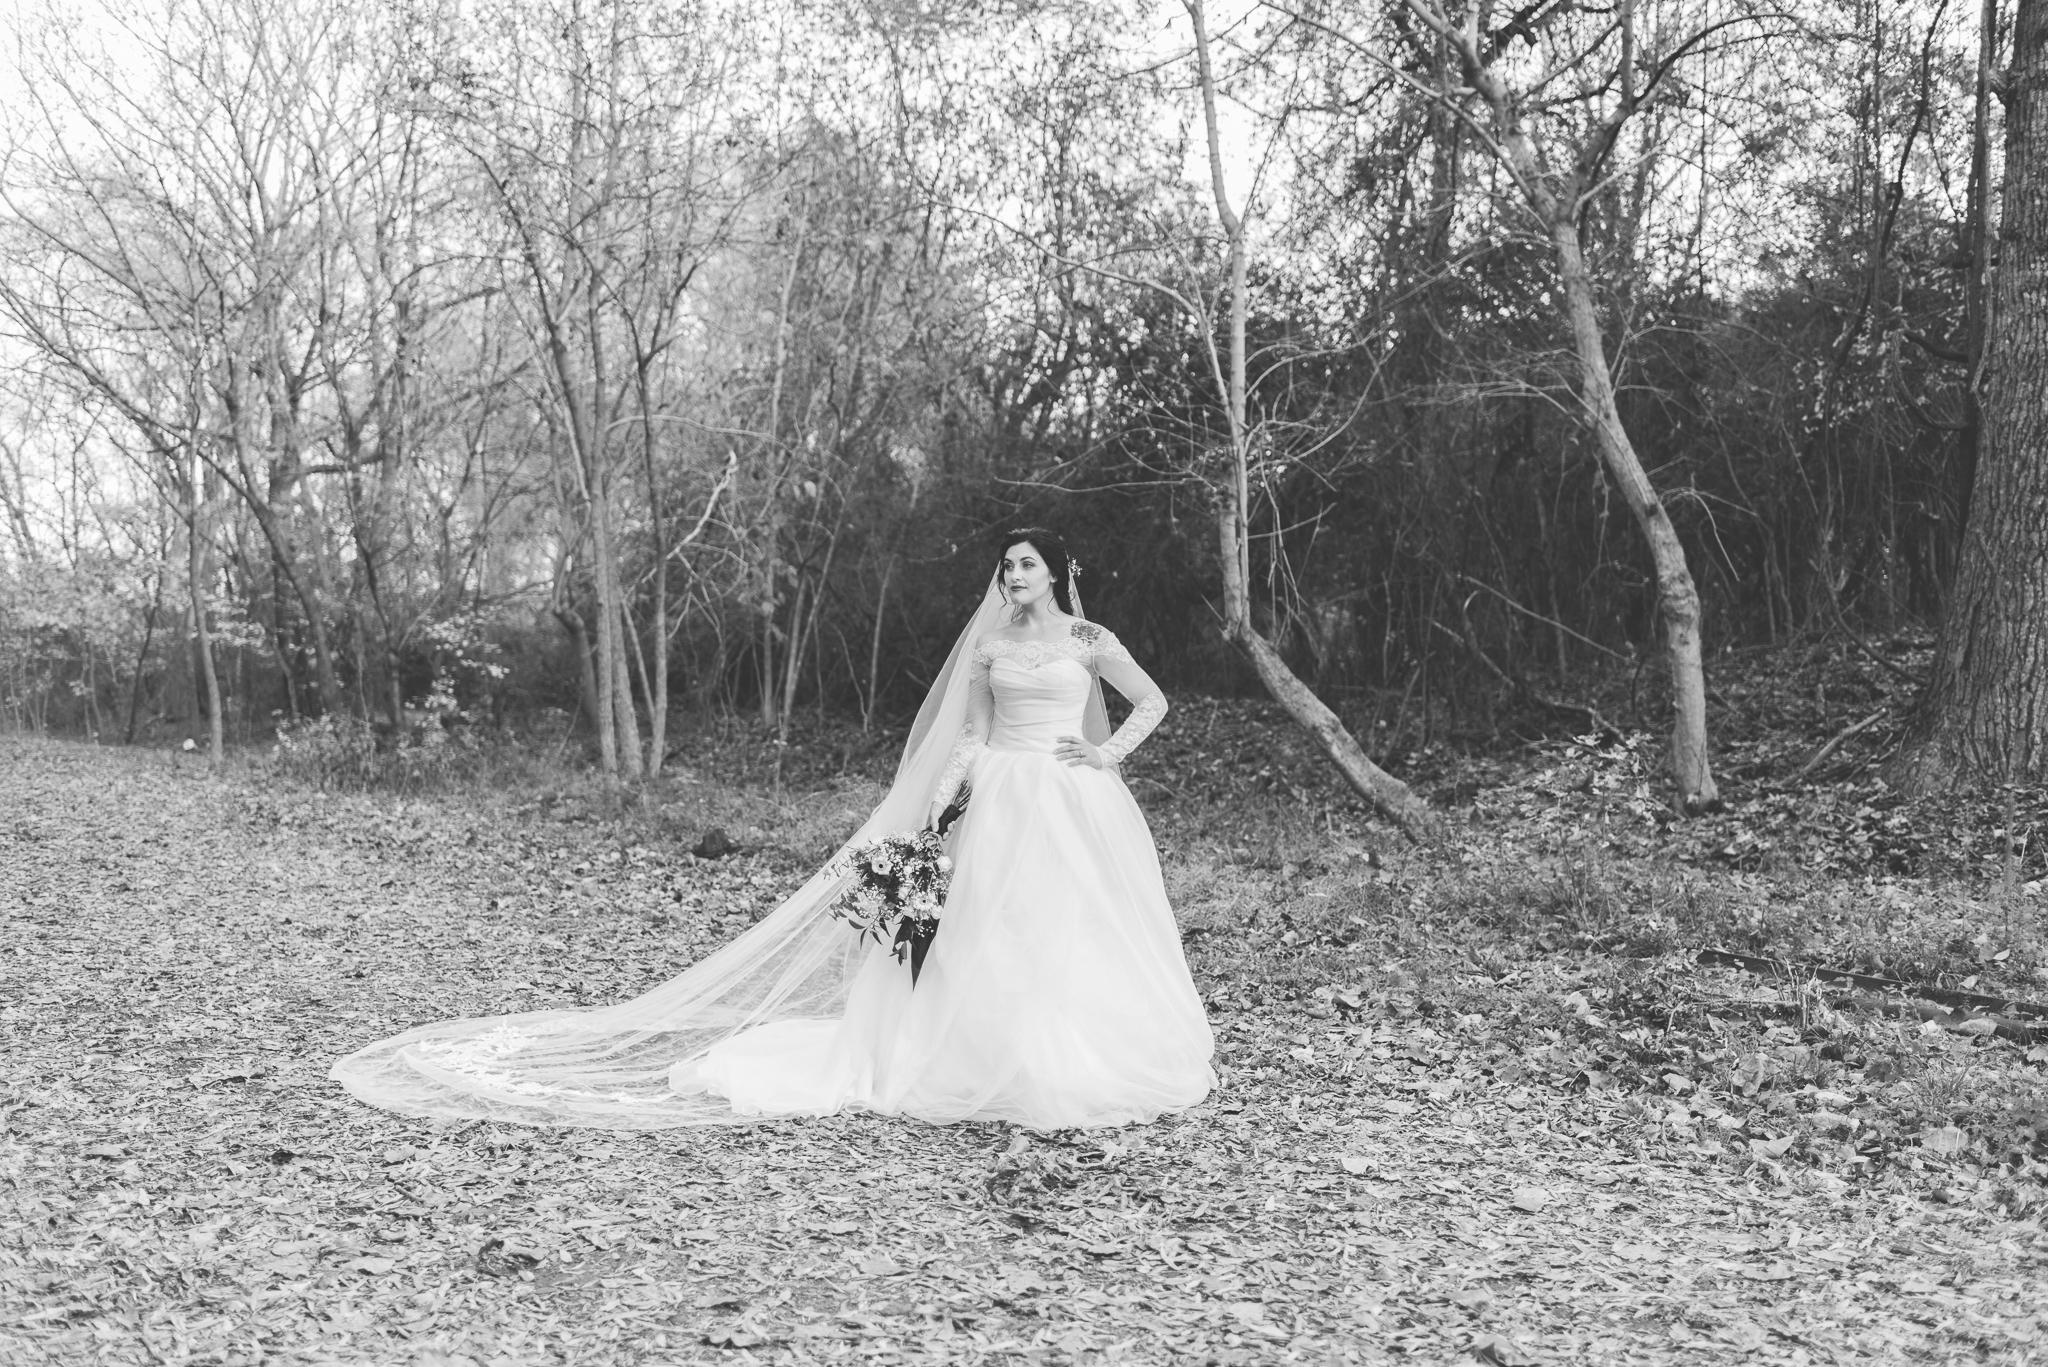 Bridals_SarahRobertson_blog-9.jpg